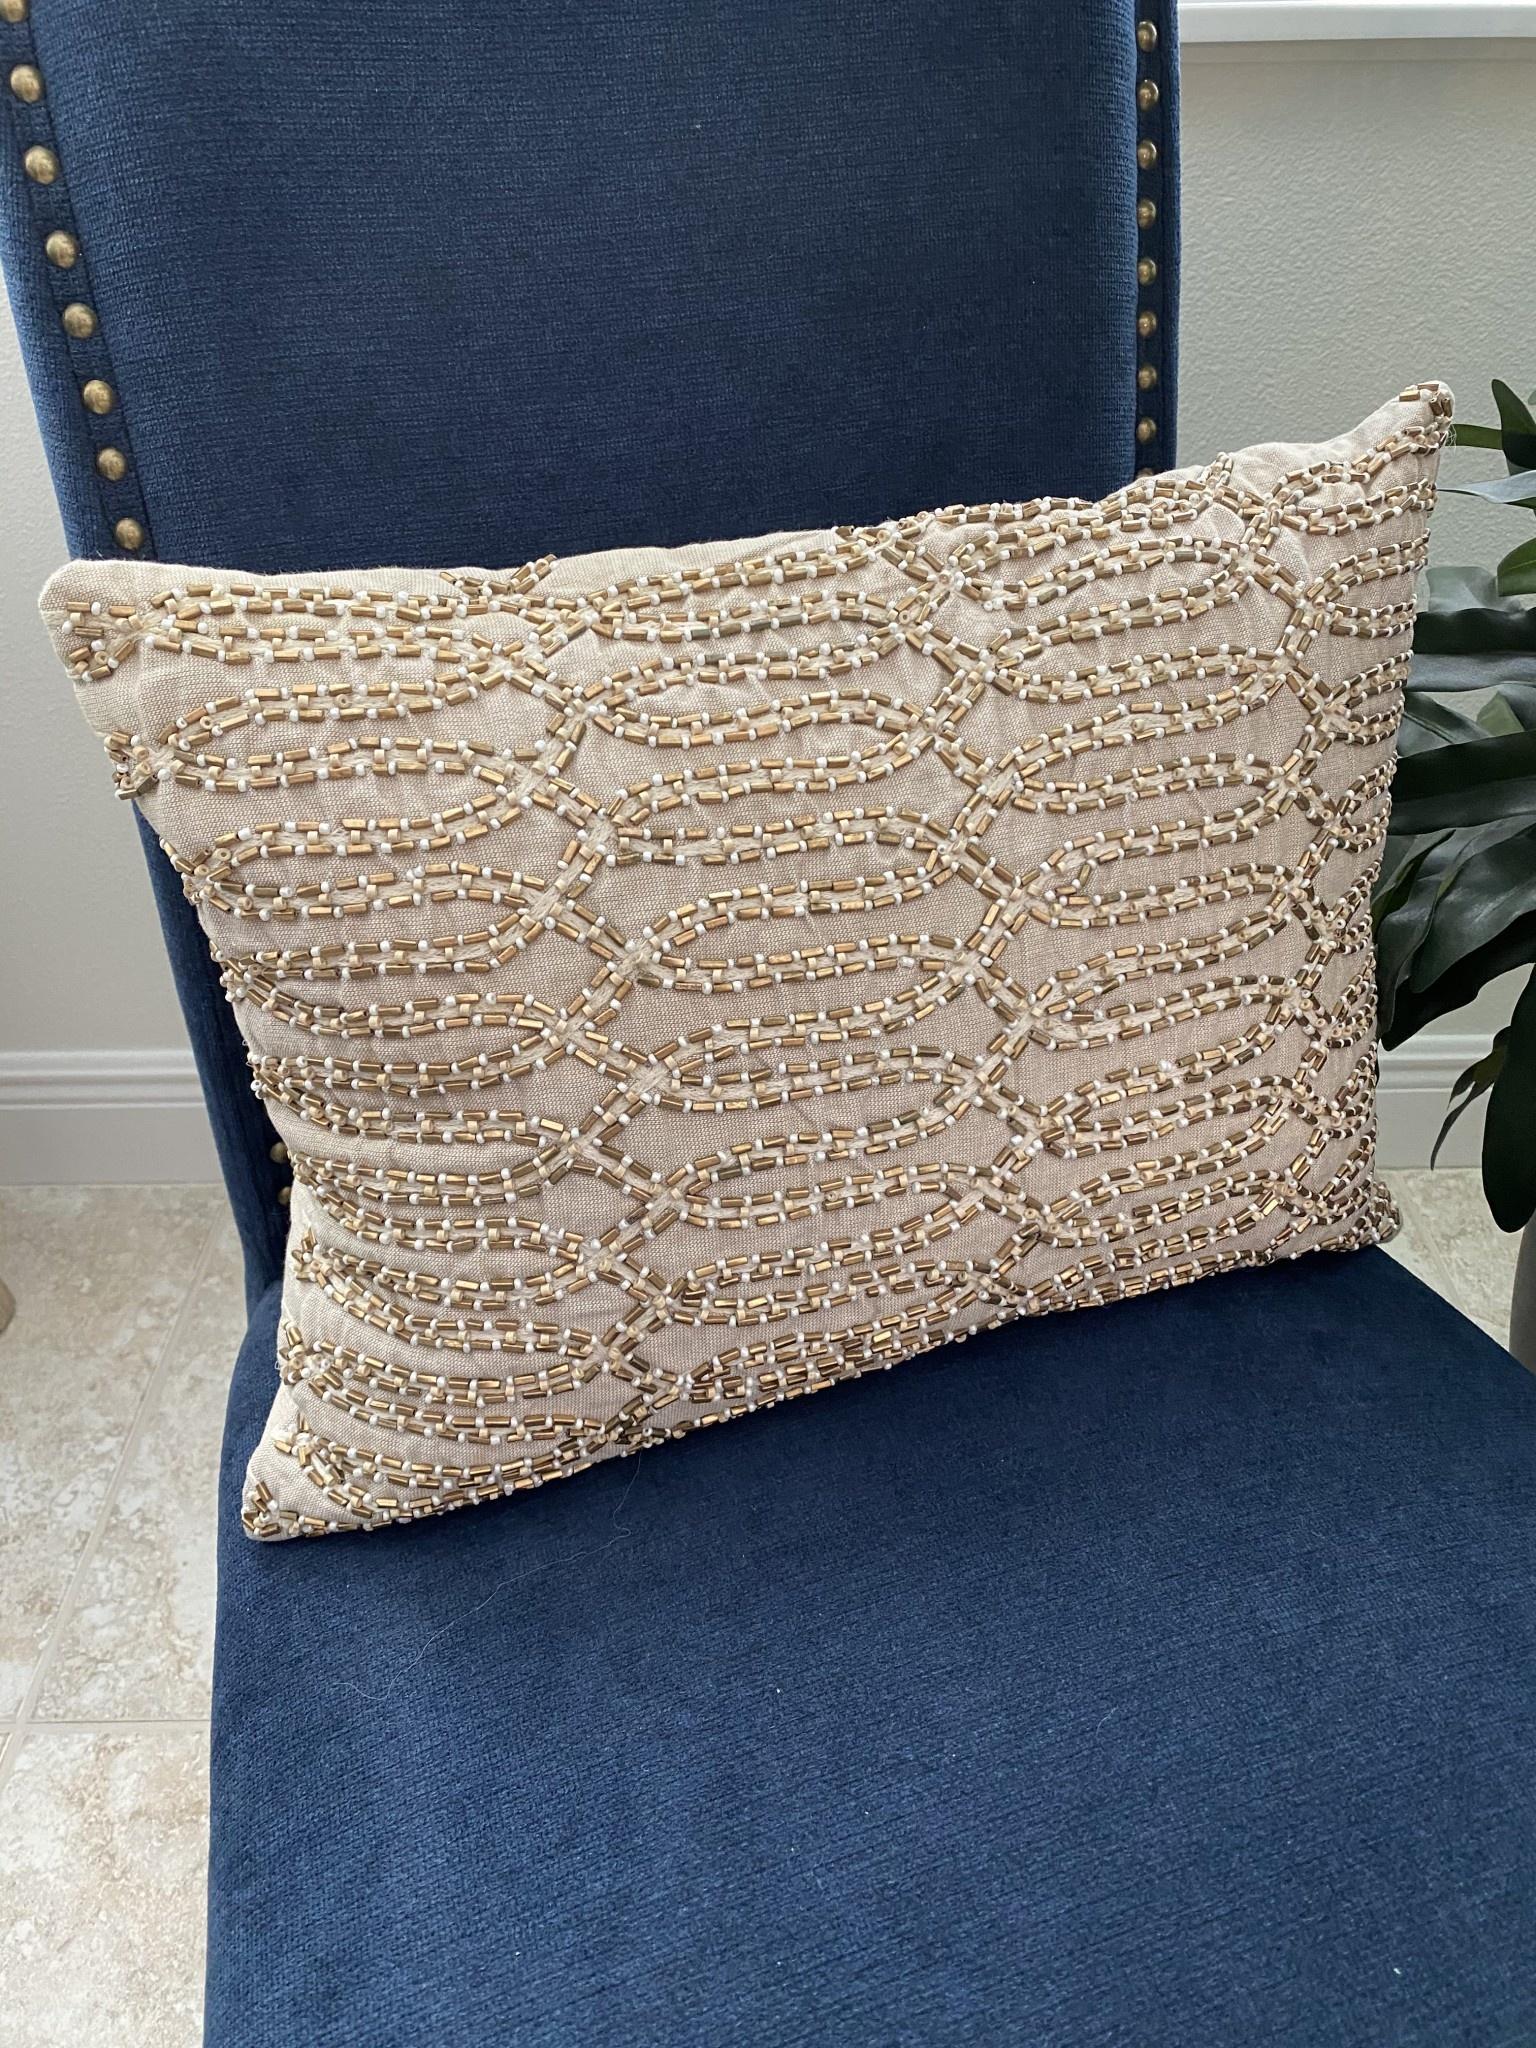 18 x 14 gold beaded linen euro pillow